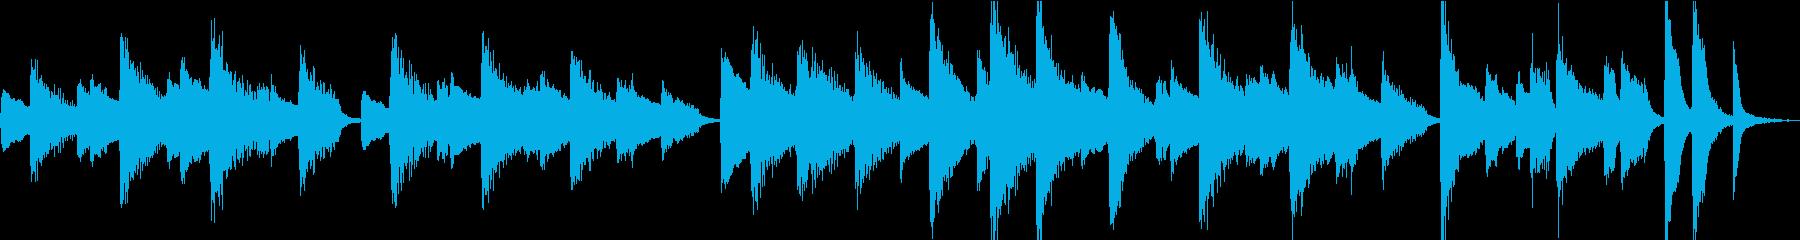 【しっとり系】30秒ピアノソロ【ループ】の再生済みの波形